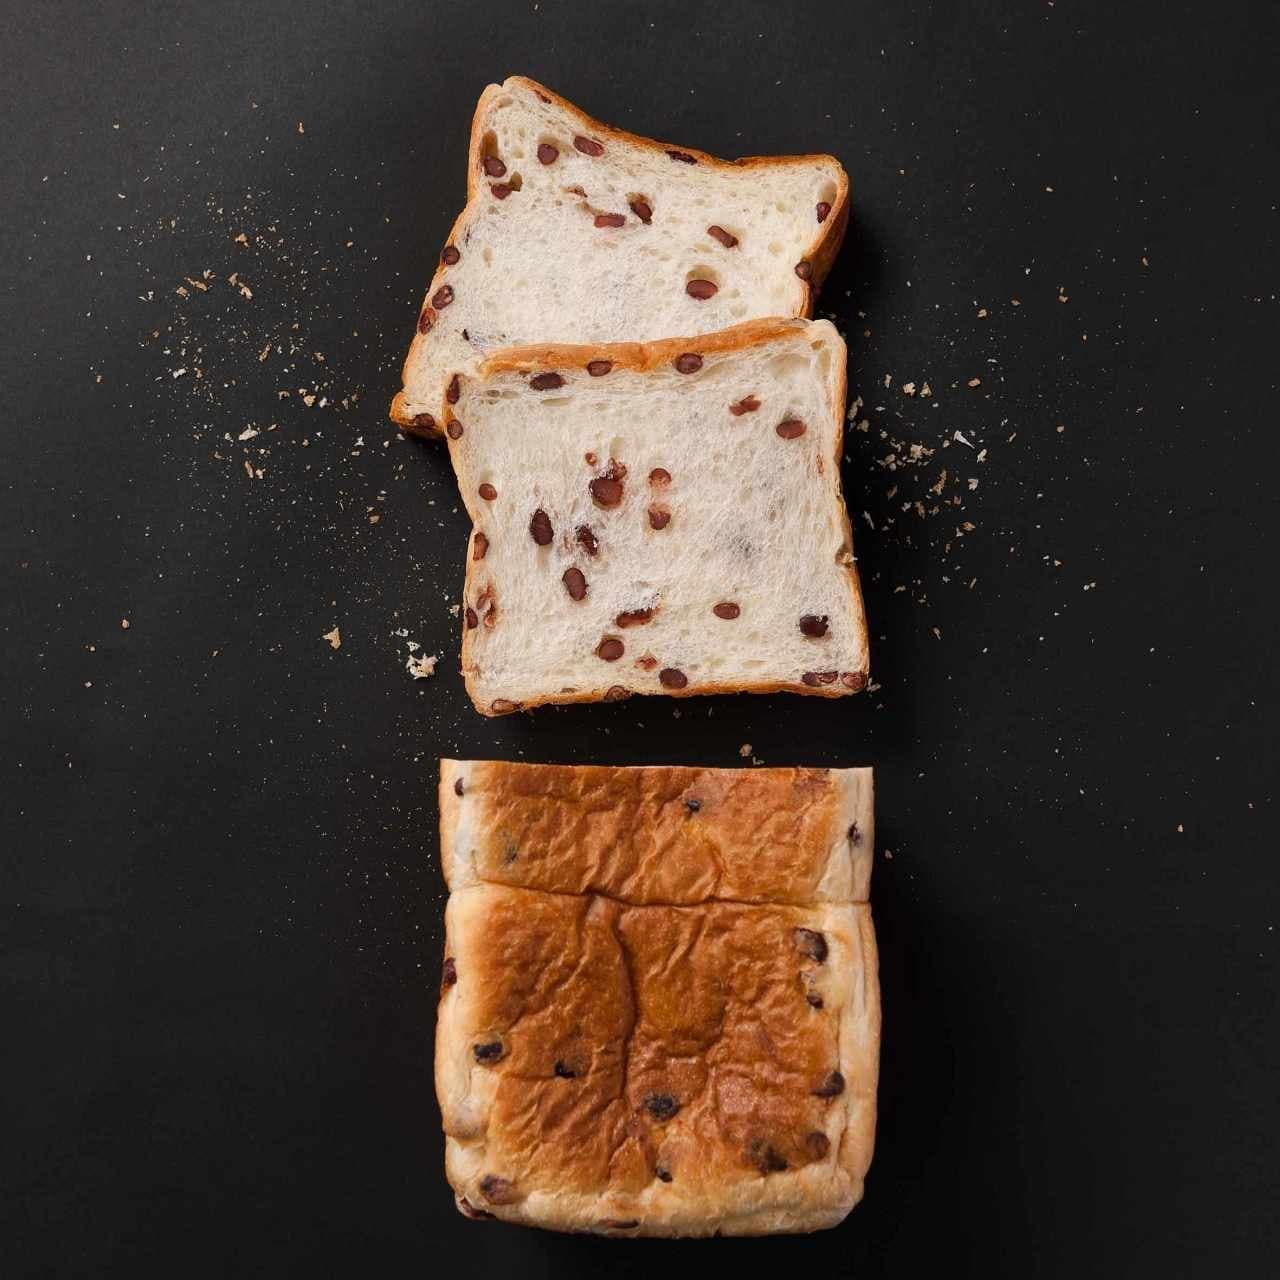 高級食パン専門店「あずき」の食パン